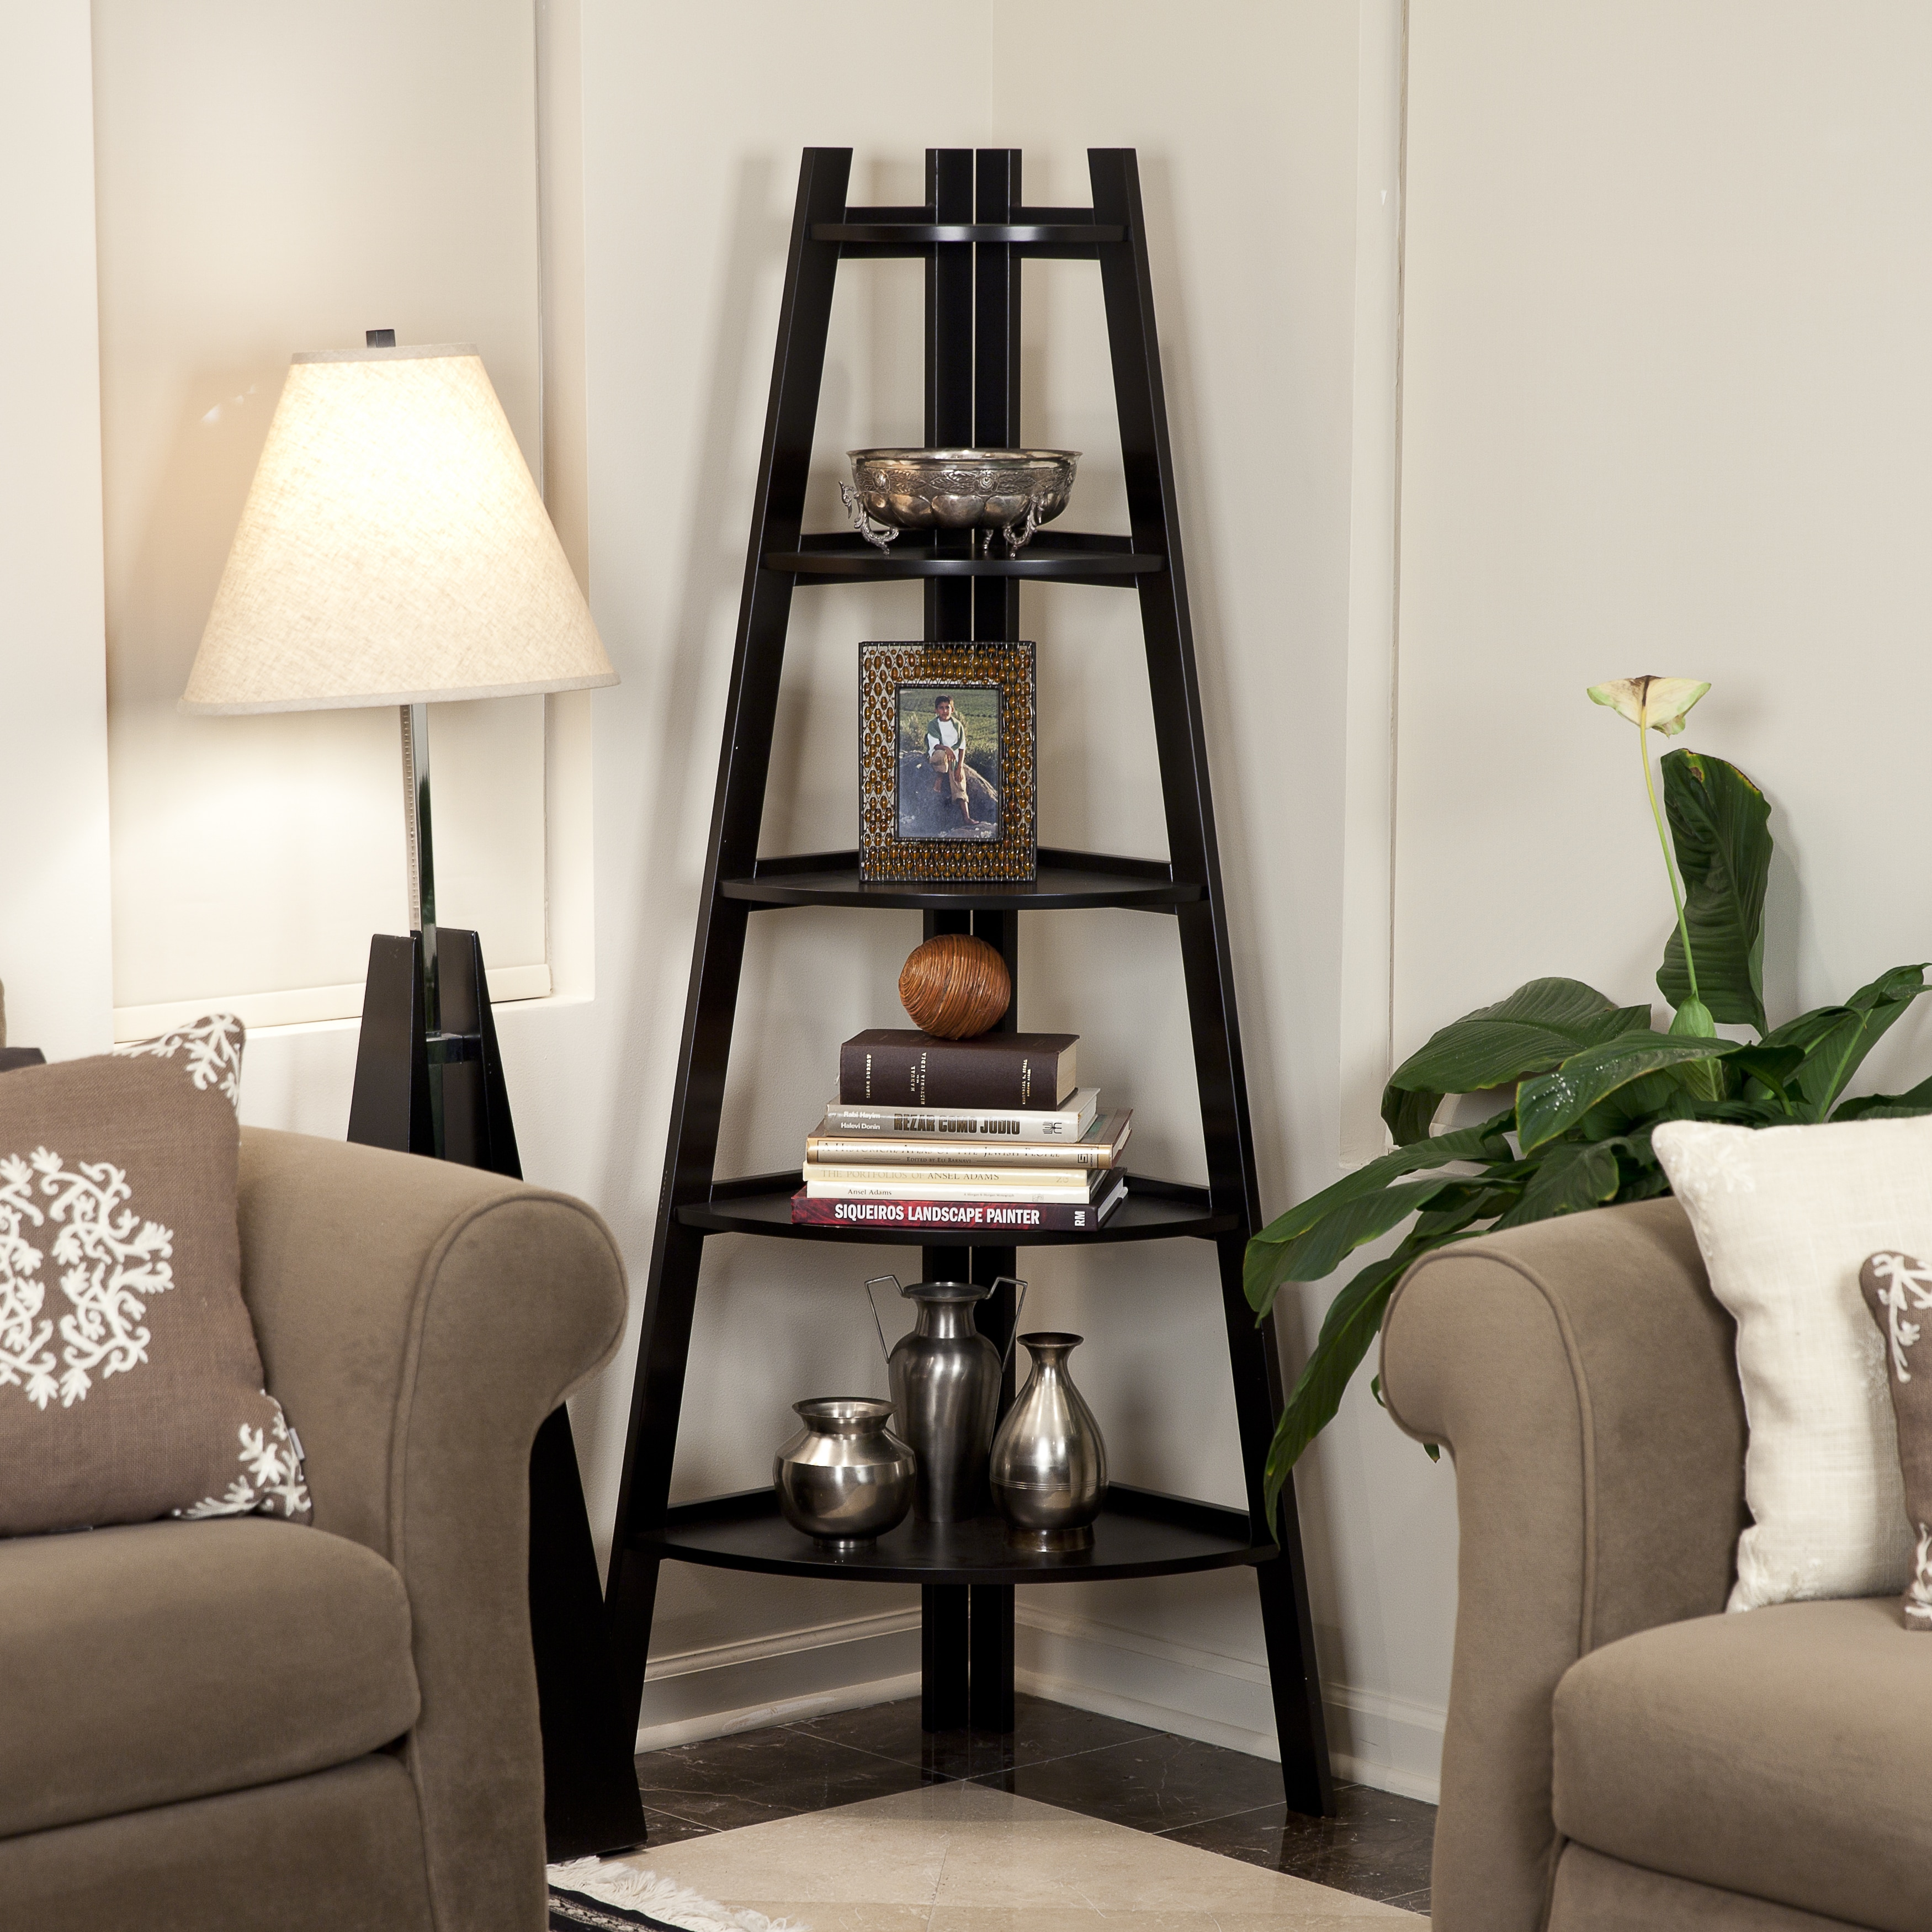 Porch Amp Den Montclair Midland 5 Tier Espresso Corner Ladder Display Bookshelf